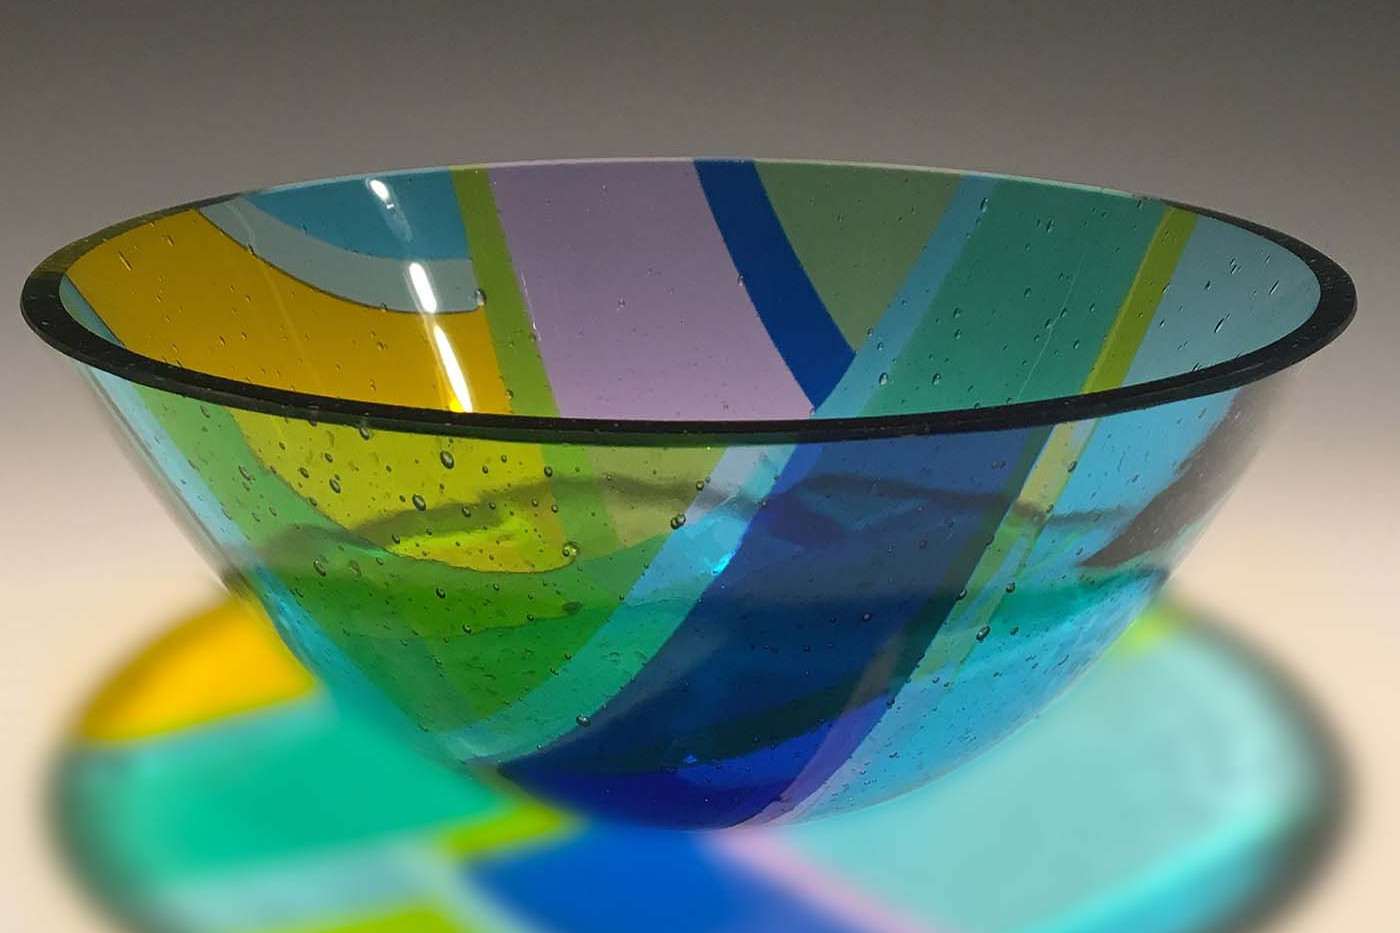 Blue-Green-Quilt-Drop_WebOp.jpg